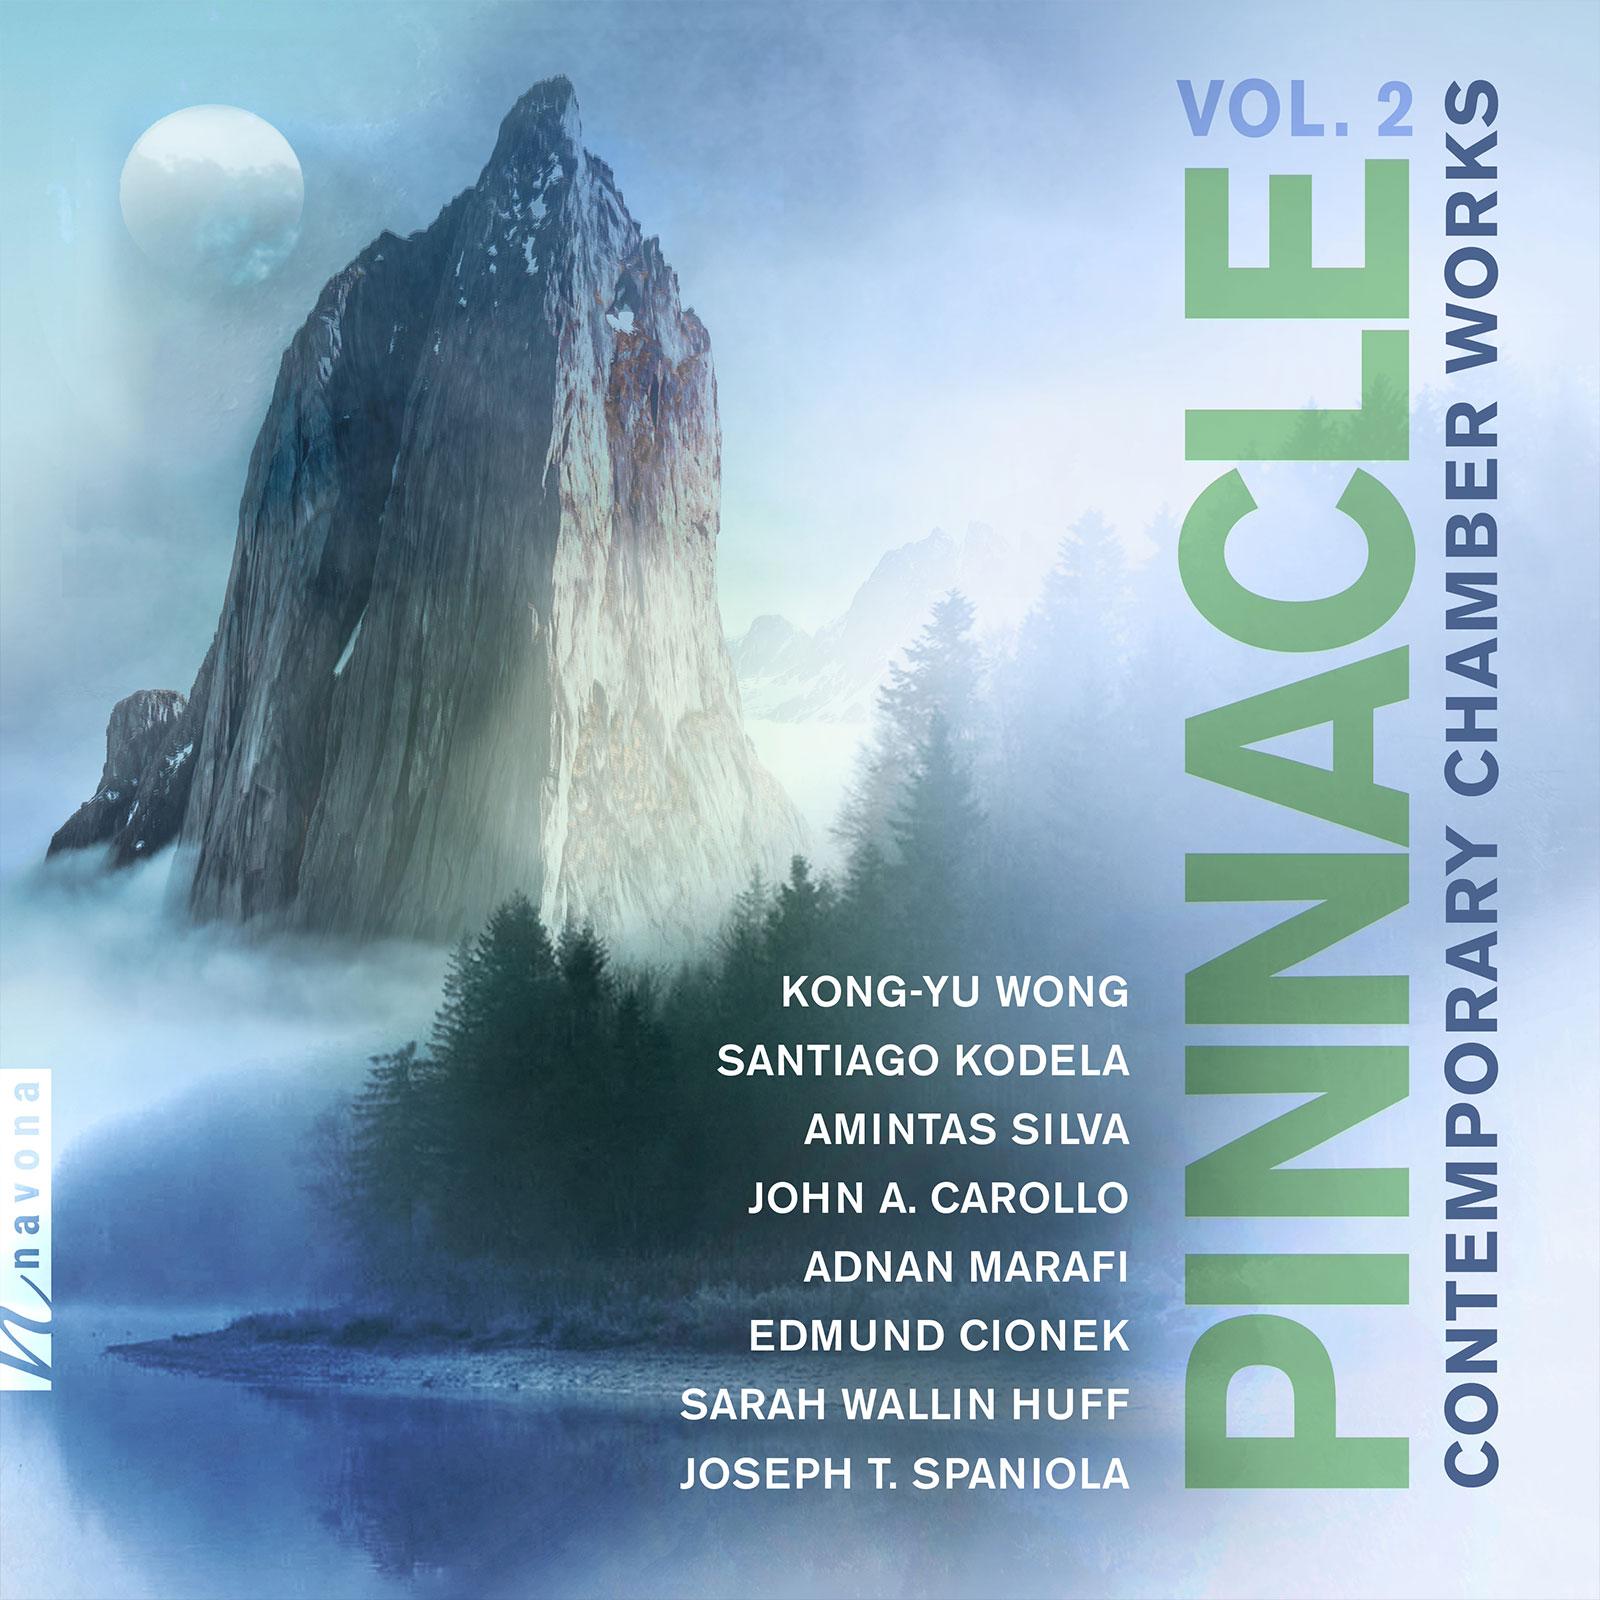 Pinnacle Vol. 2